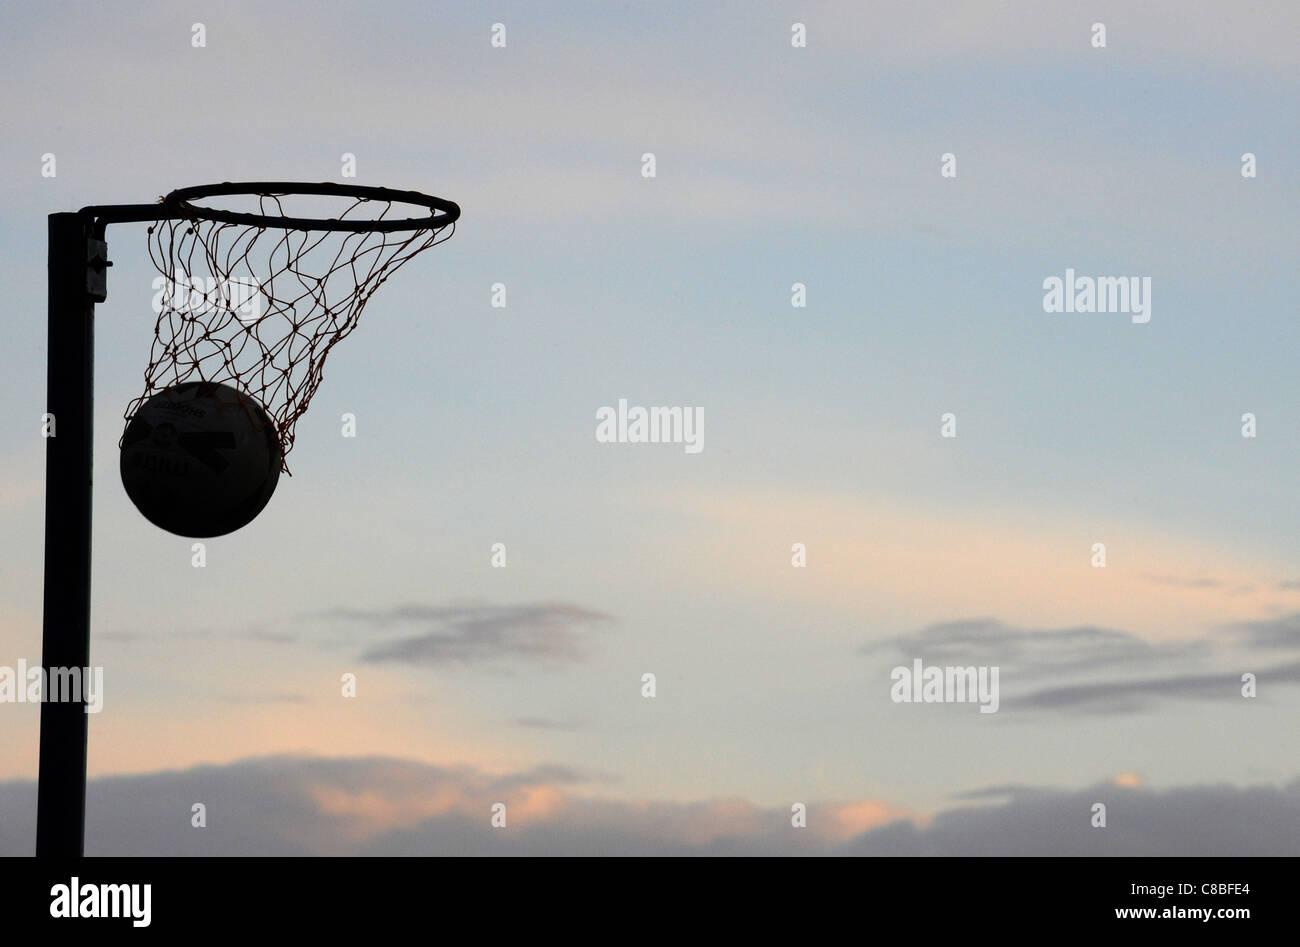 Una silhouette di netball passando attraverso un cerchio con nessun giocatore al crepuscolo. Immagini Stock